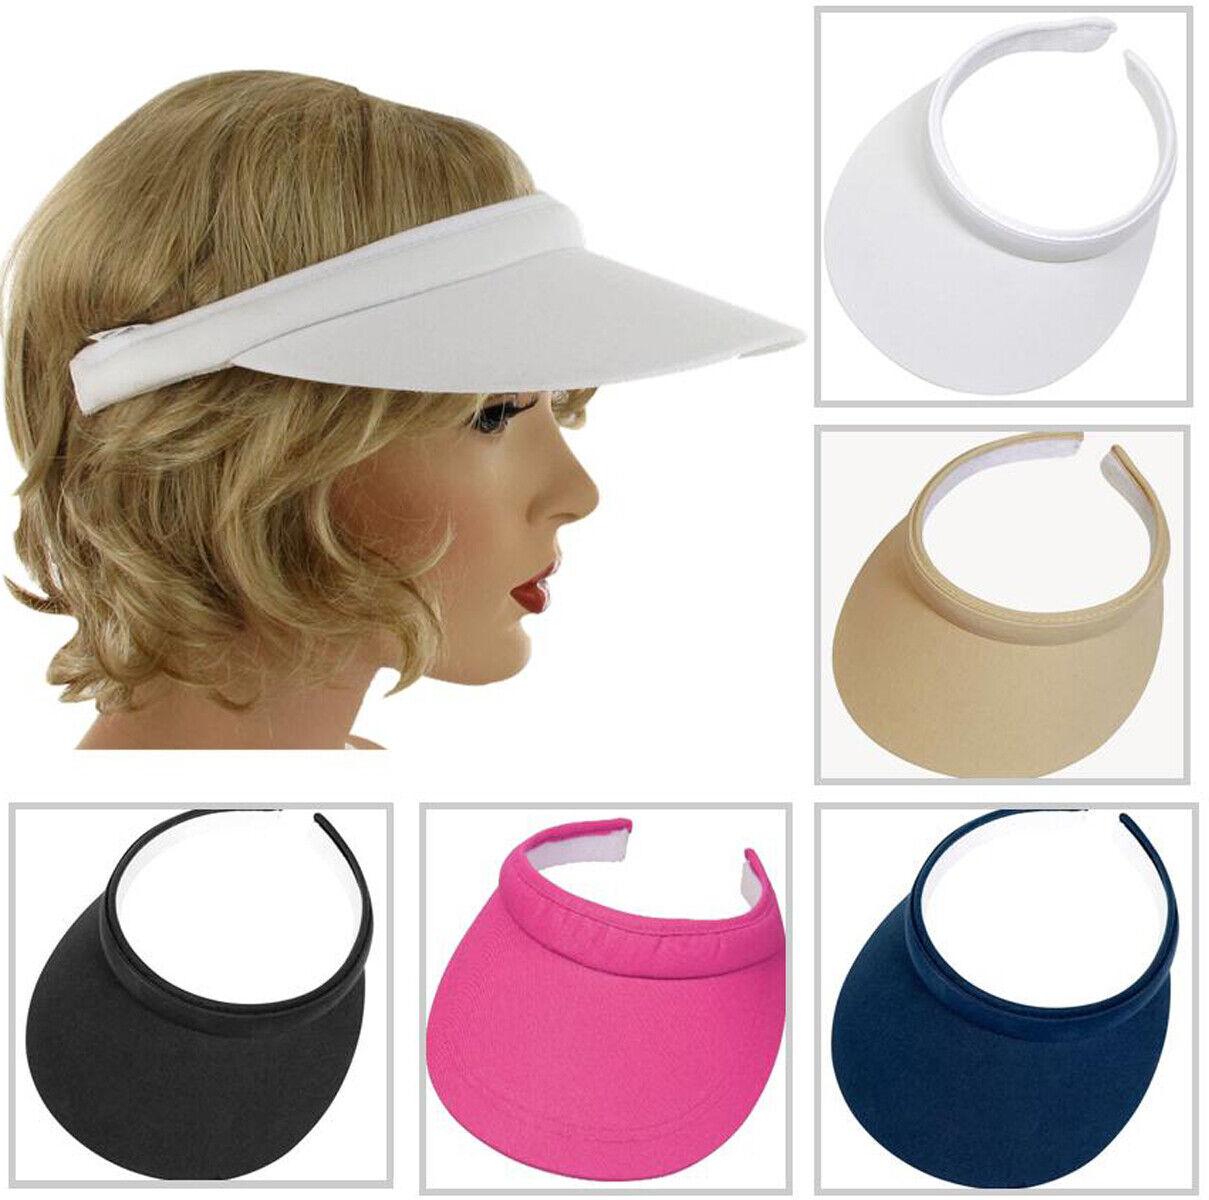 VISOR CAP Steckvisor Sonnenblende Unisex Kappe Schild Sport Golf Tennis Urlaub